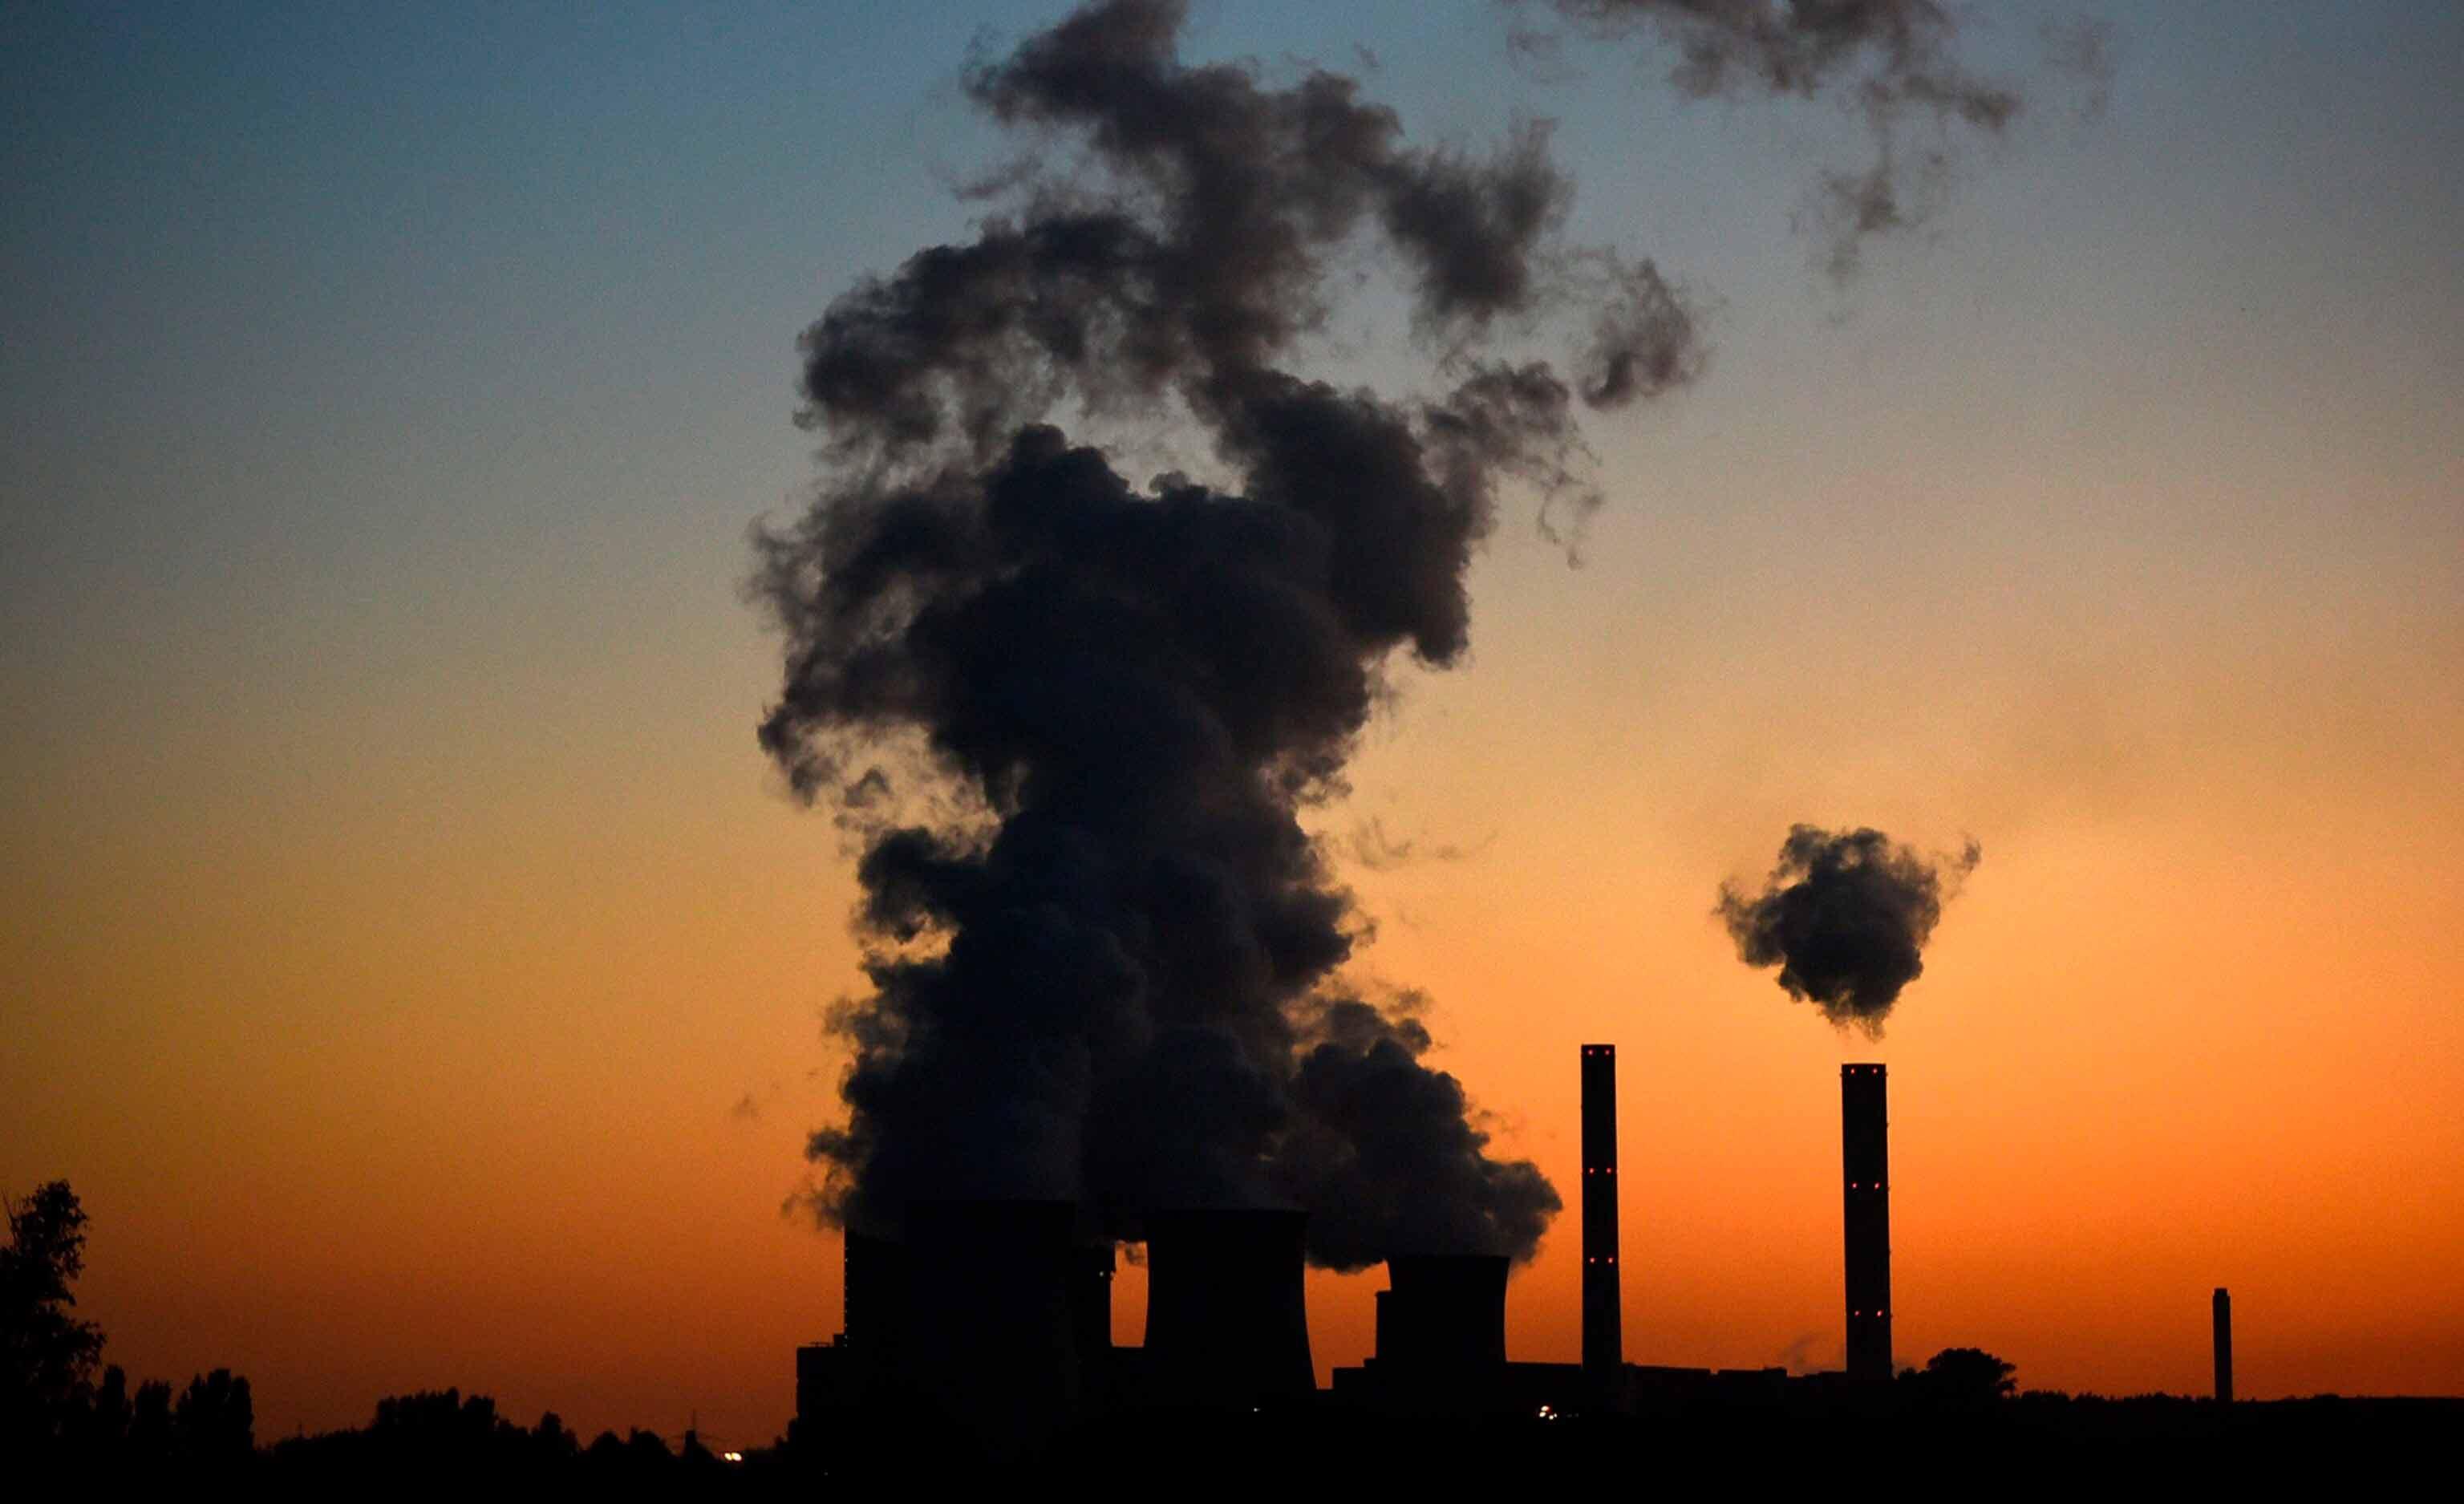 Acordo não obteve consenso, mas houve concordância na progressiva mudança de fontes de energia